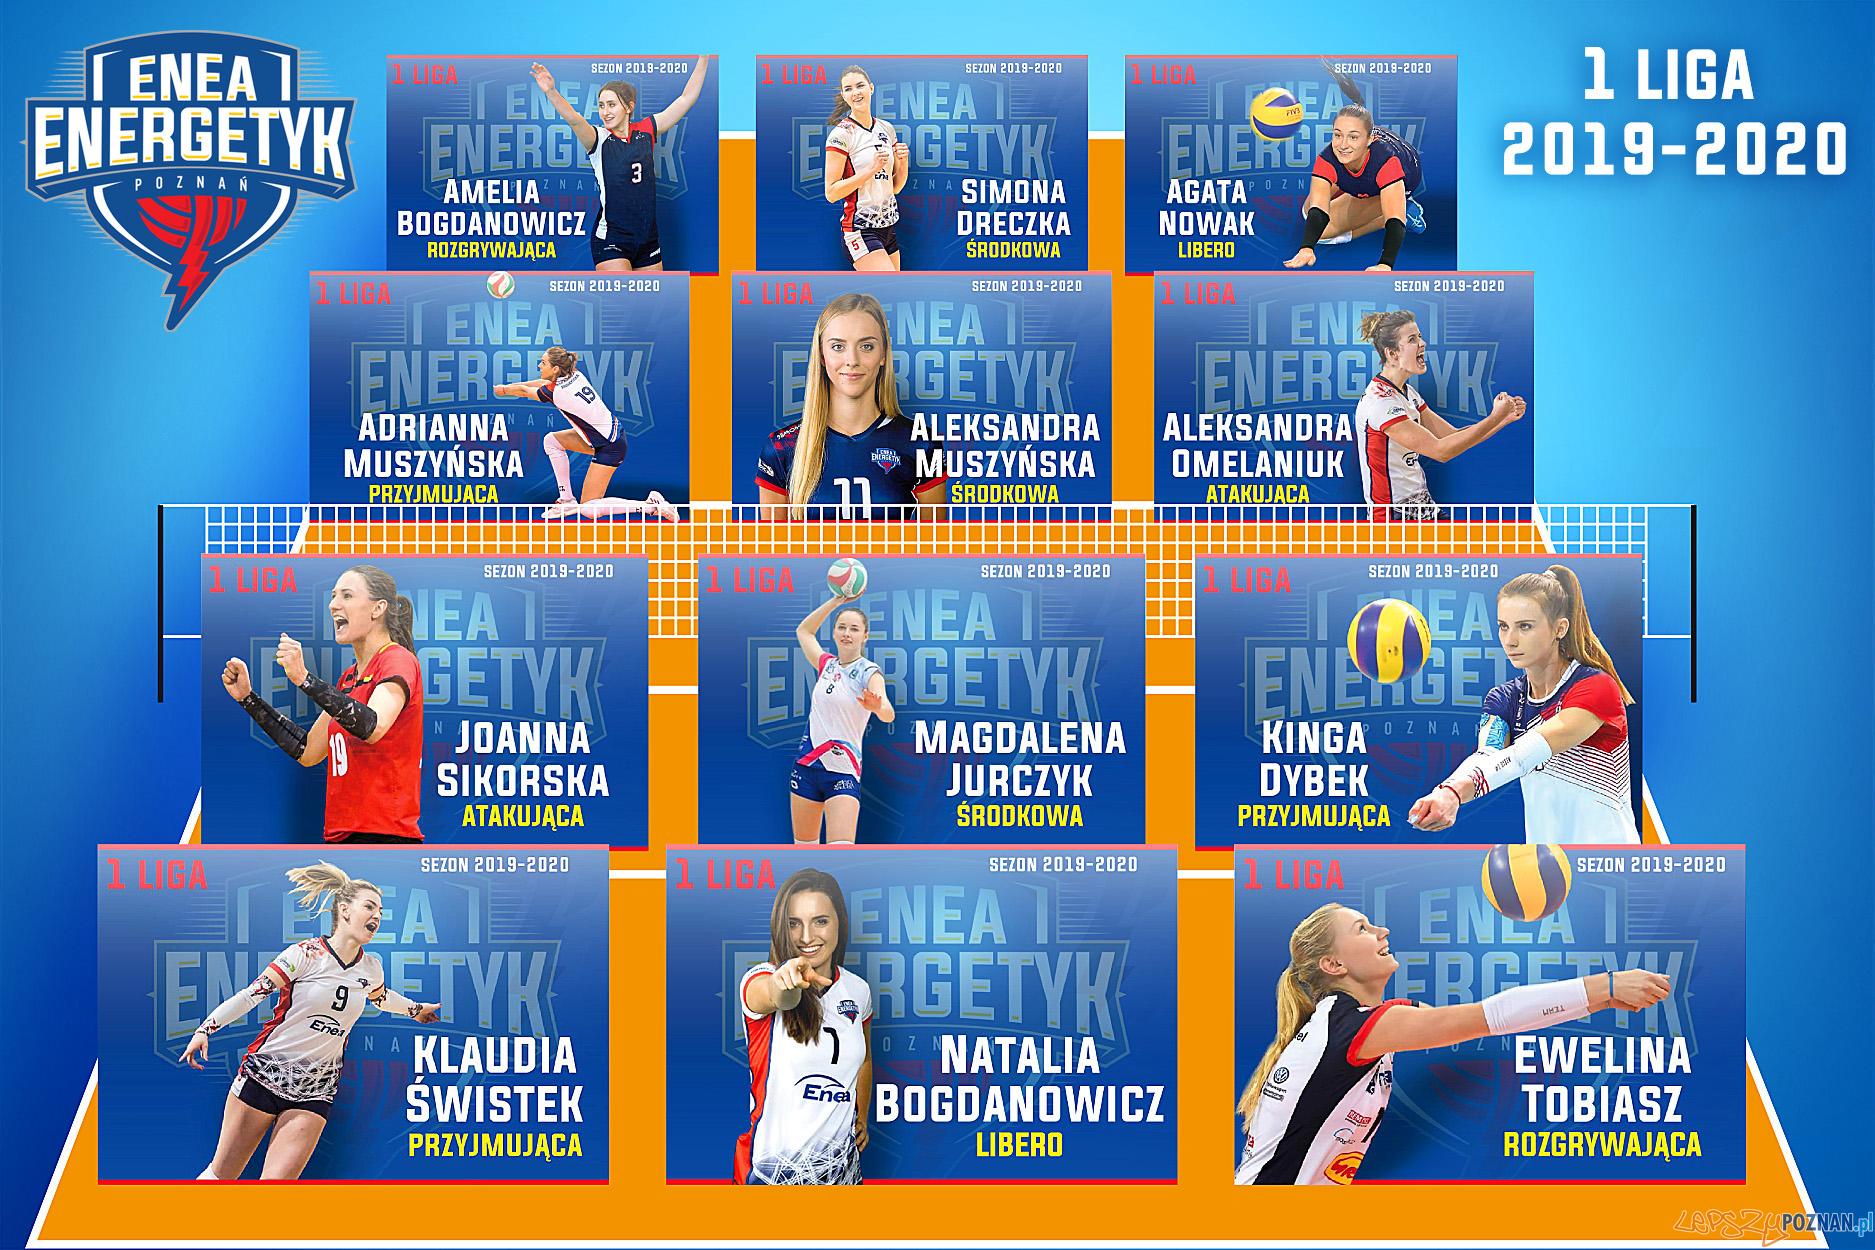 Enea Enrgetyk Poznań - 1 Liga 2019-2020  Foto: materiały prasowe